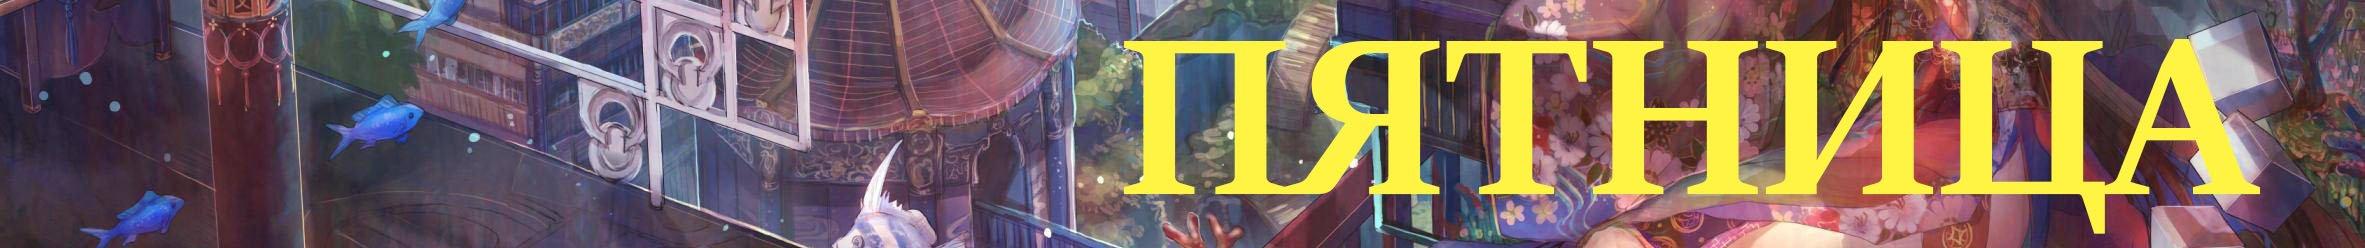 Все, что вы хотели знать об аниме осени 2014, даже если не хотели (UPD по КГ) - Изображение 6